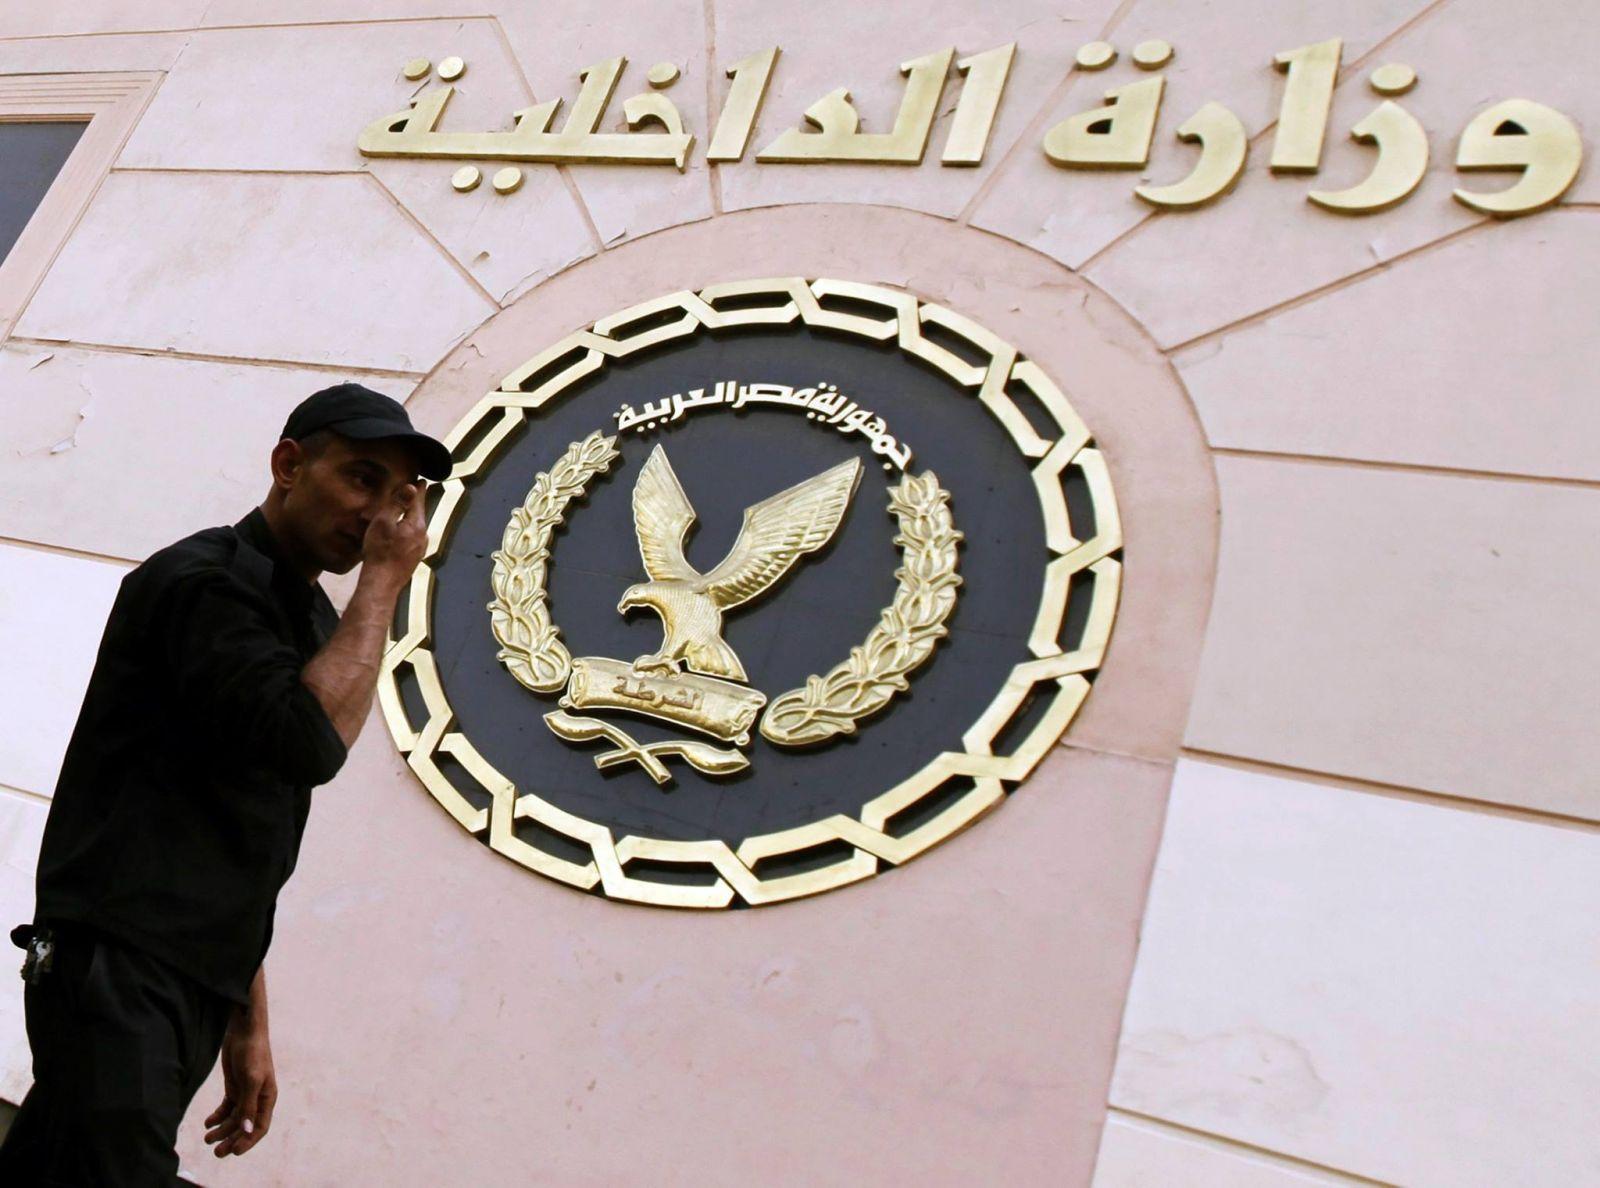 المصرية لحقوق الإنسان تستنكر تعديلات لائحة السجون